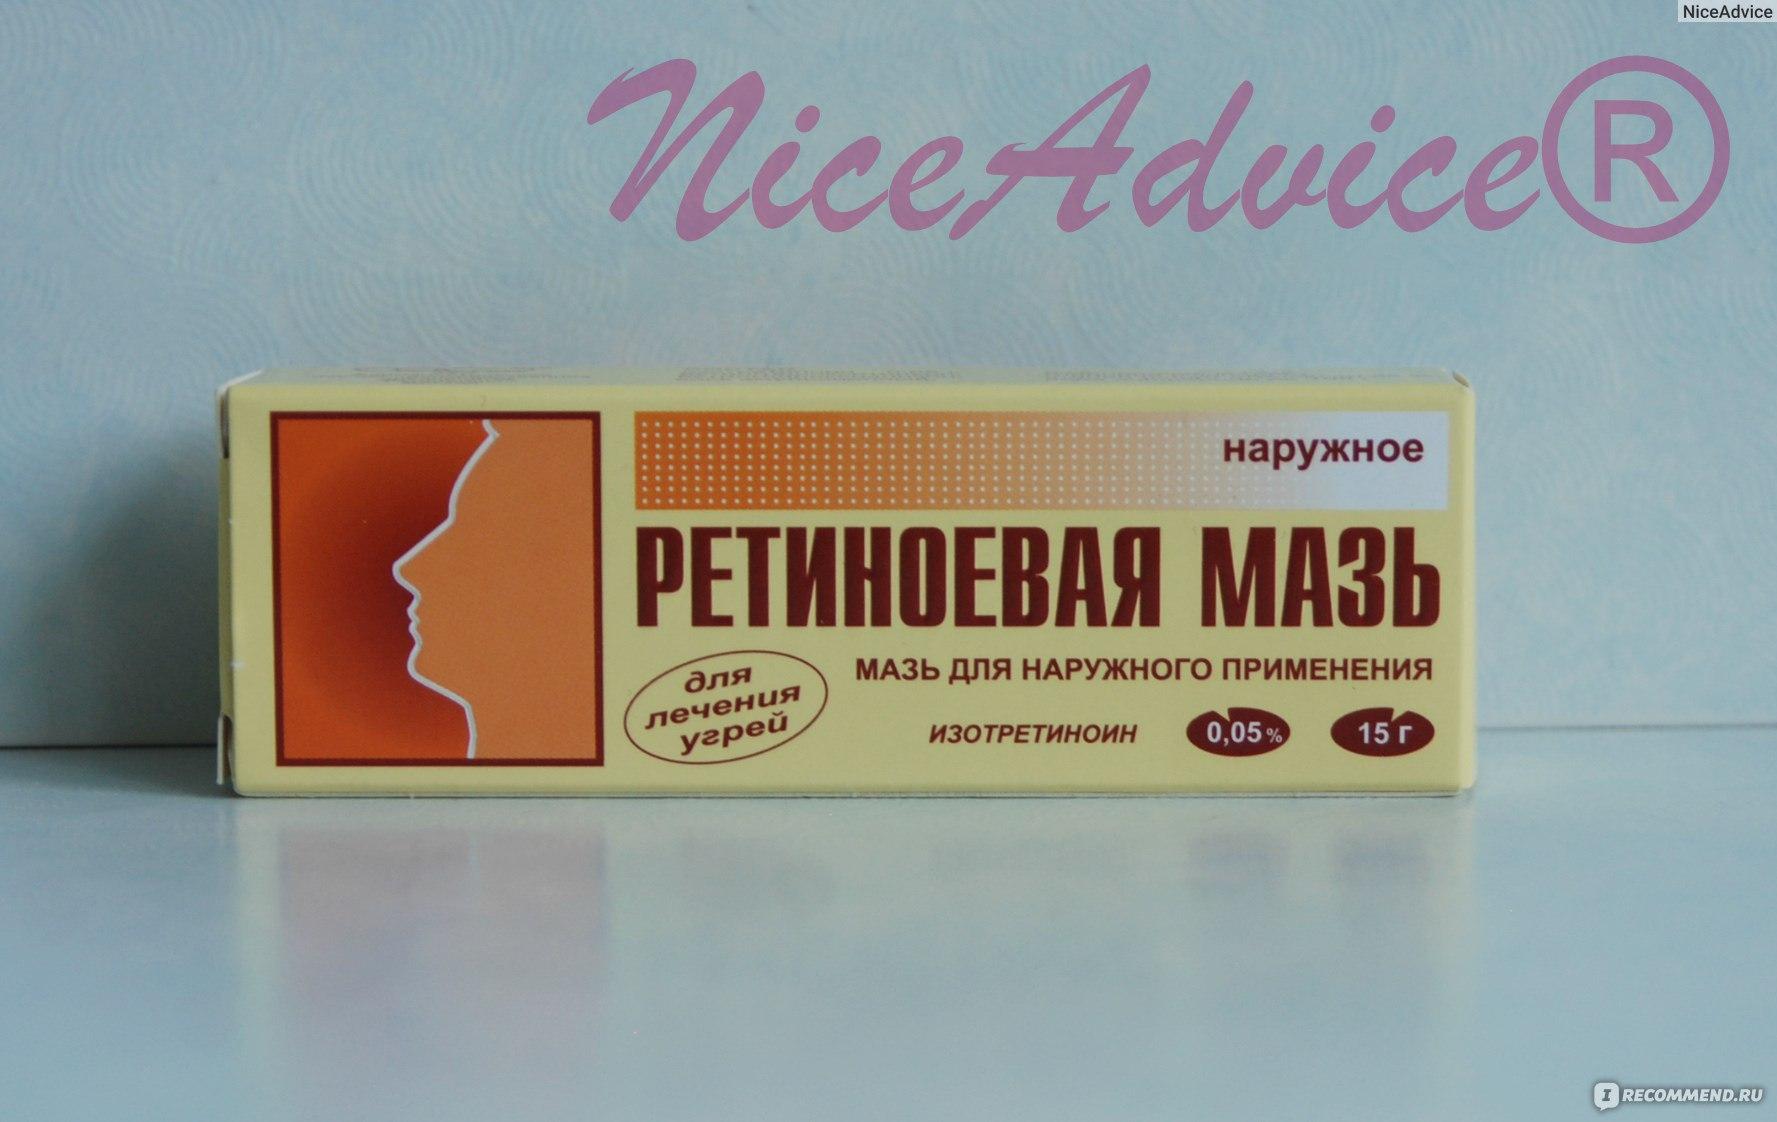 Ретинол (витамин а) для кожи лица, польза и применение в домашних условиях